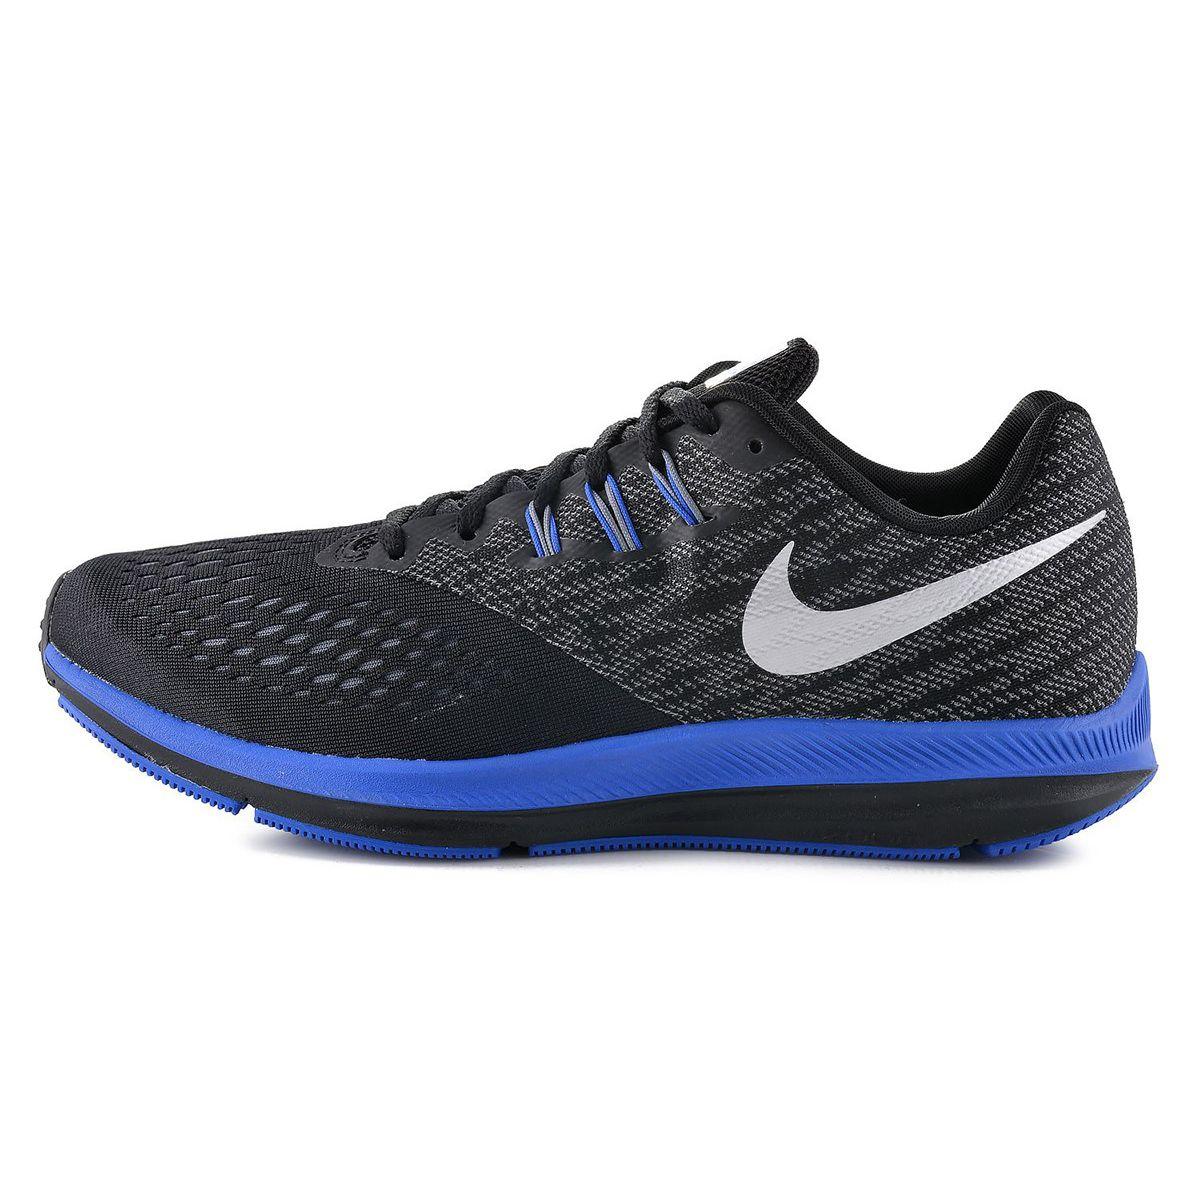 Nike Zoom Winflo 4 Koşu Spor Ayakkabısı 898466009